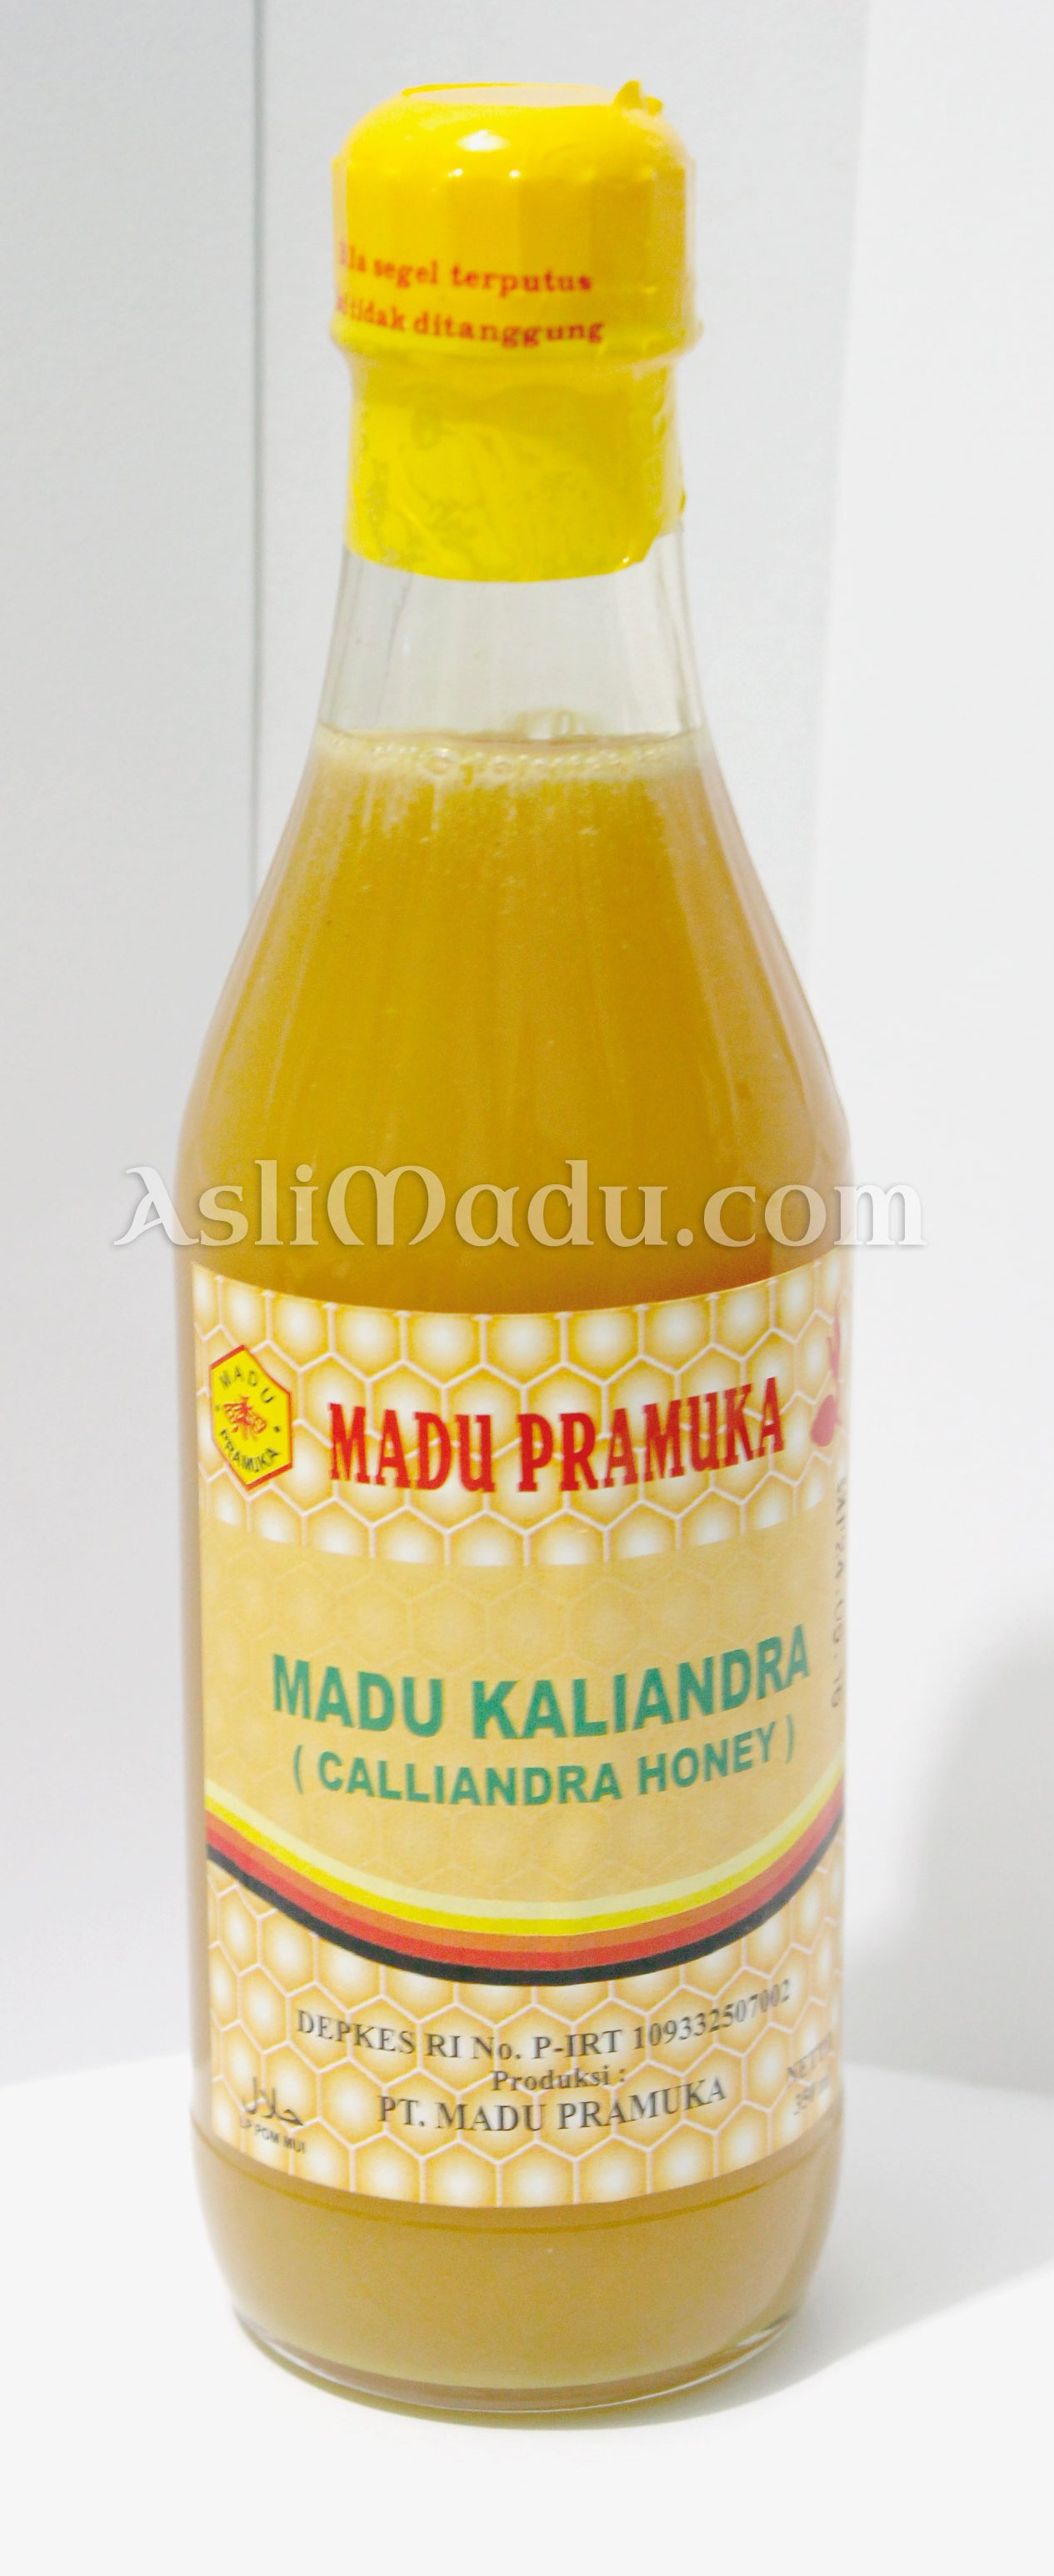 Madu Kaliandra Pramuka Adalah Tipe Madu Ternak Yang Dihasilkan Oleh